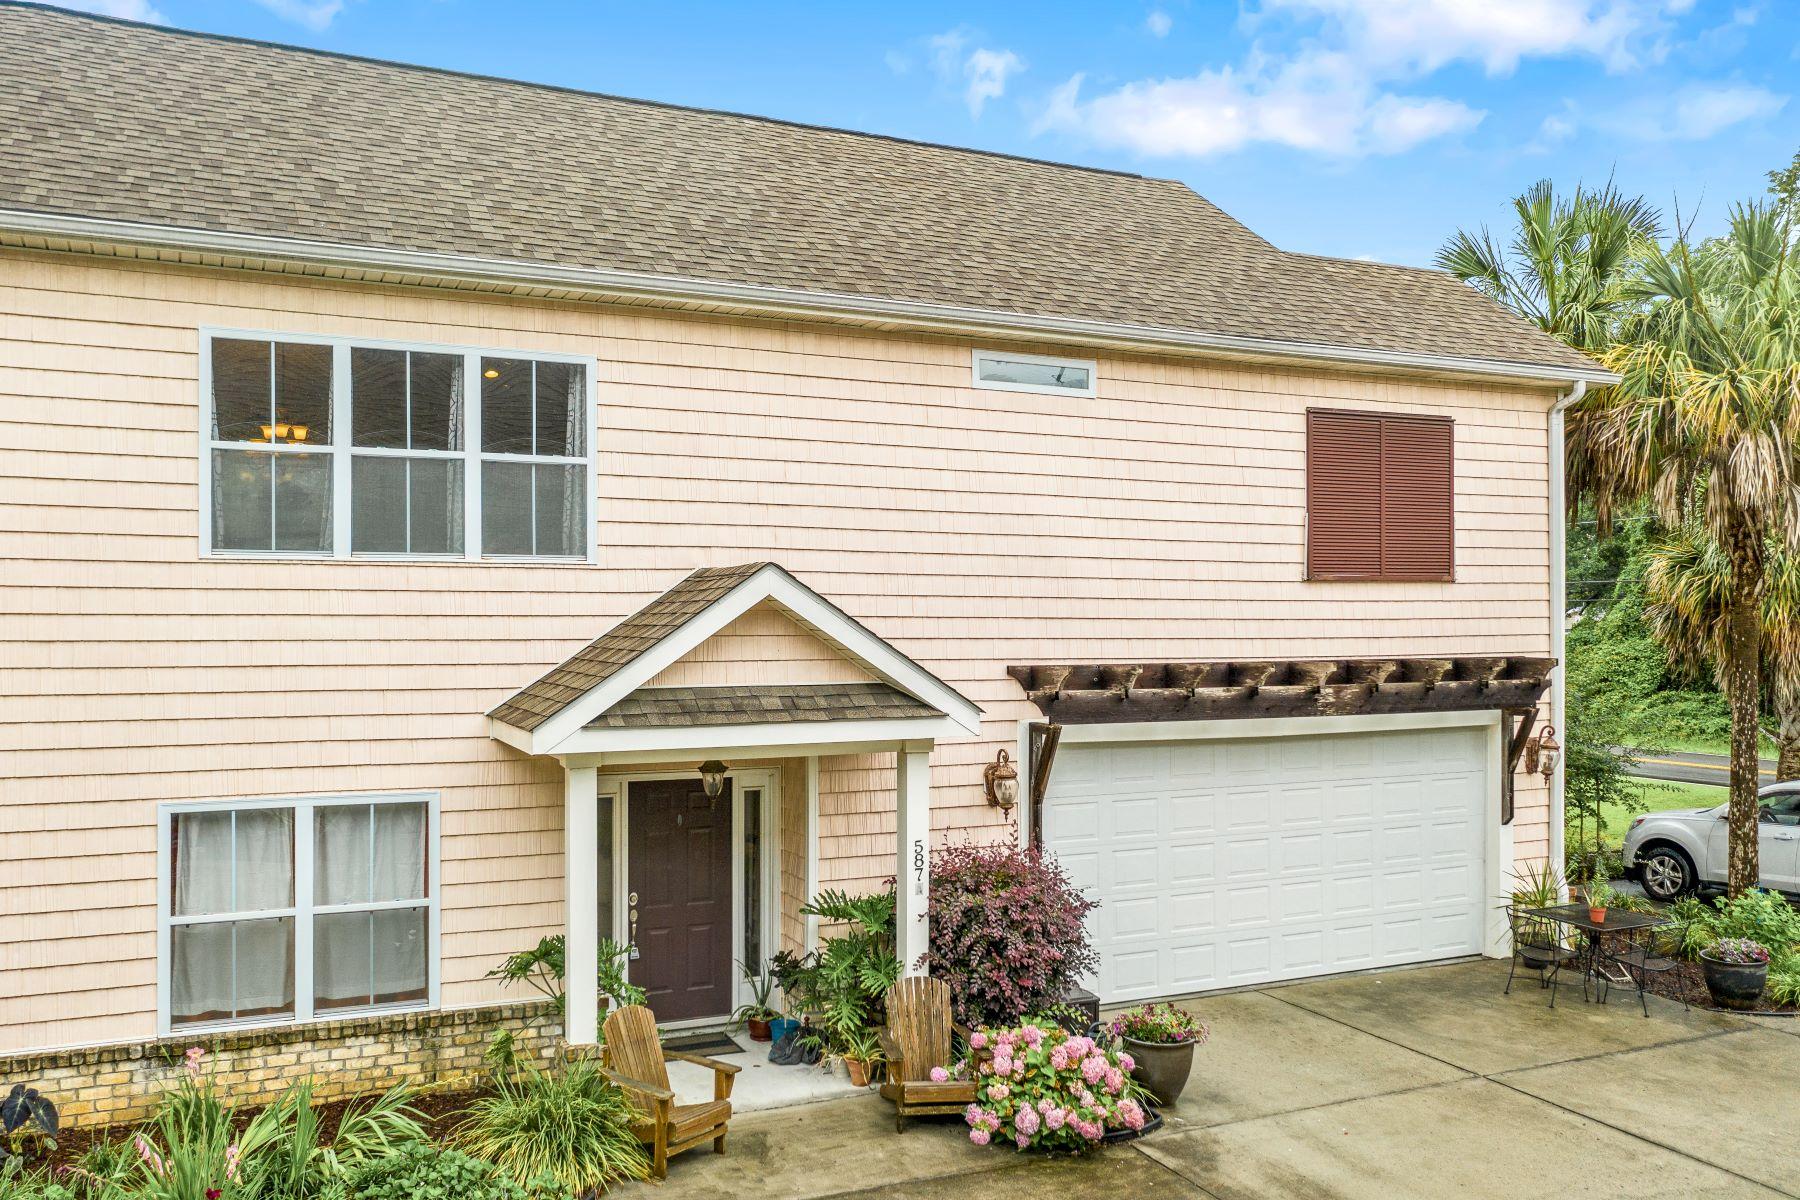 Condominiums por un Venta en 587 Sunnyside Avenue A, Murrells Inlet, SC 29576 587 Sunnyside Avenue, A, Murrells Inlet, Carolina del Sur 29576 Estados Unidos